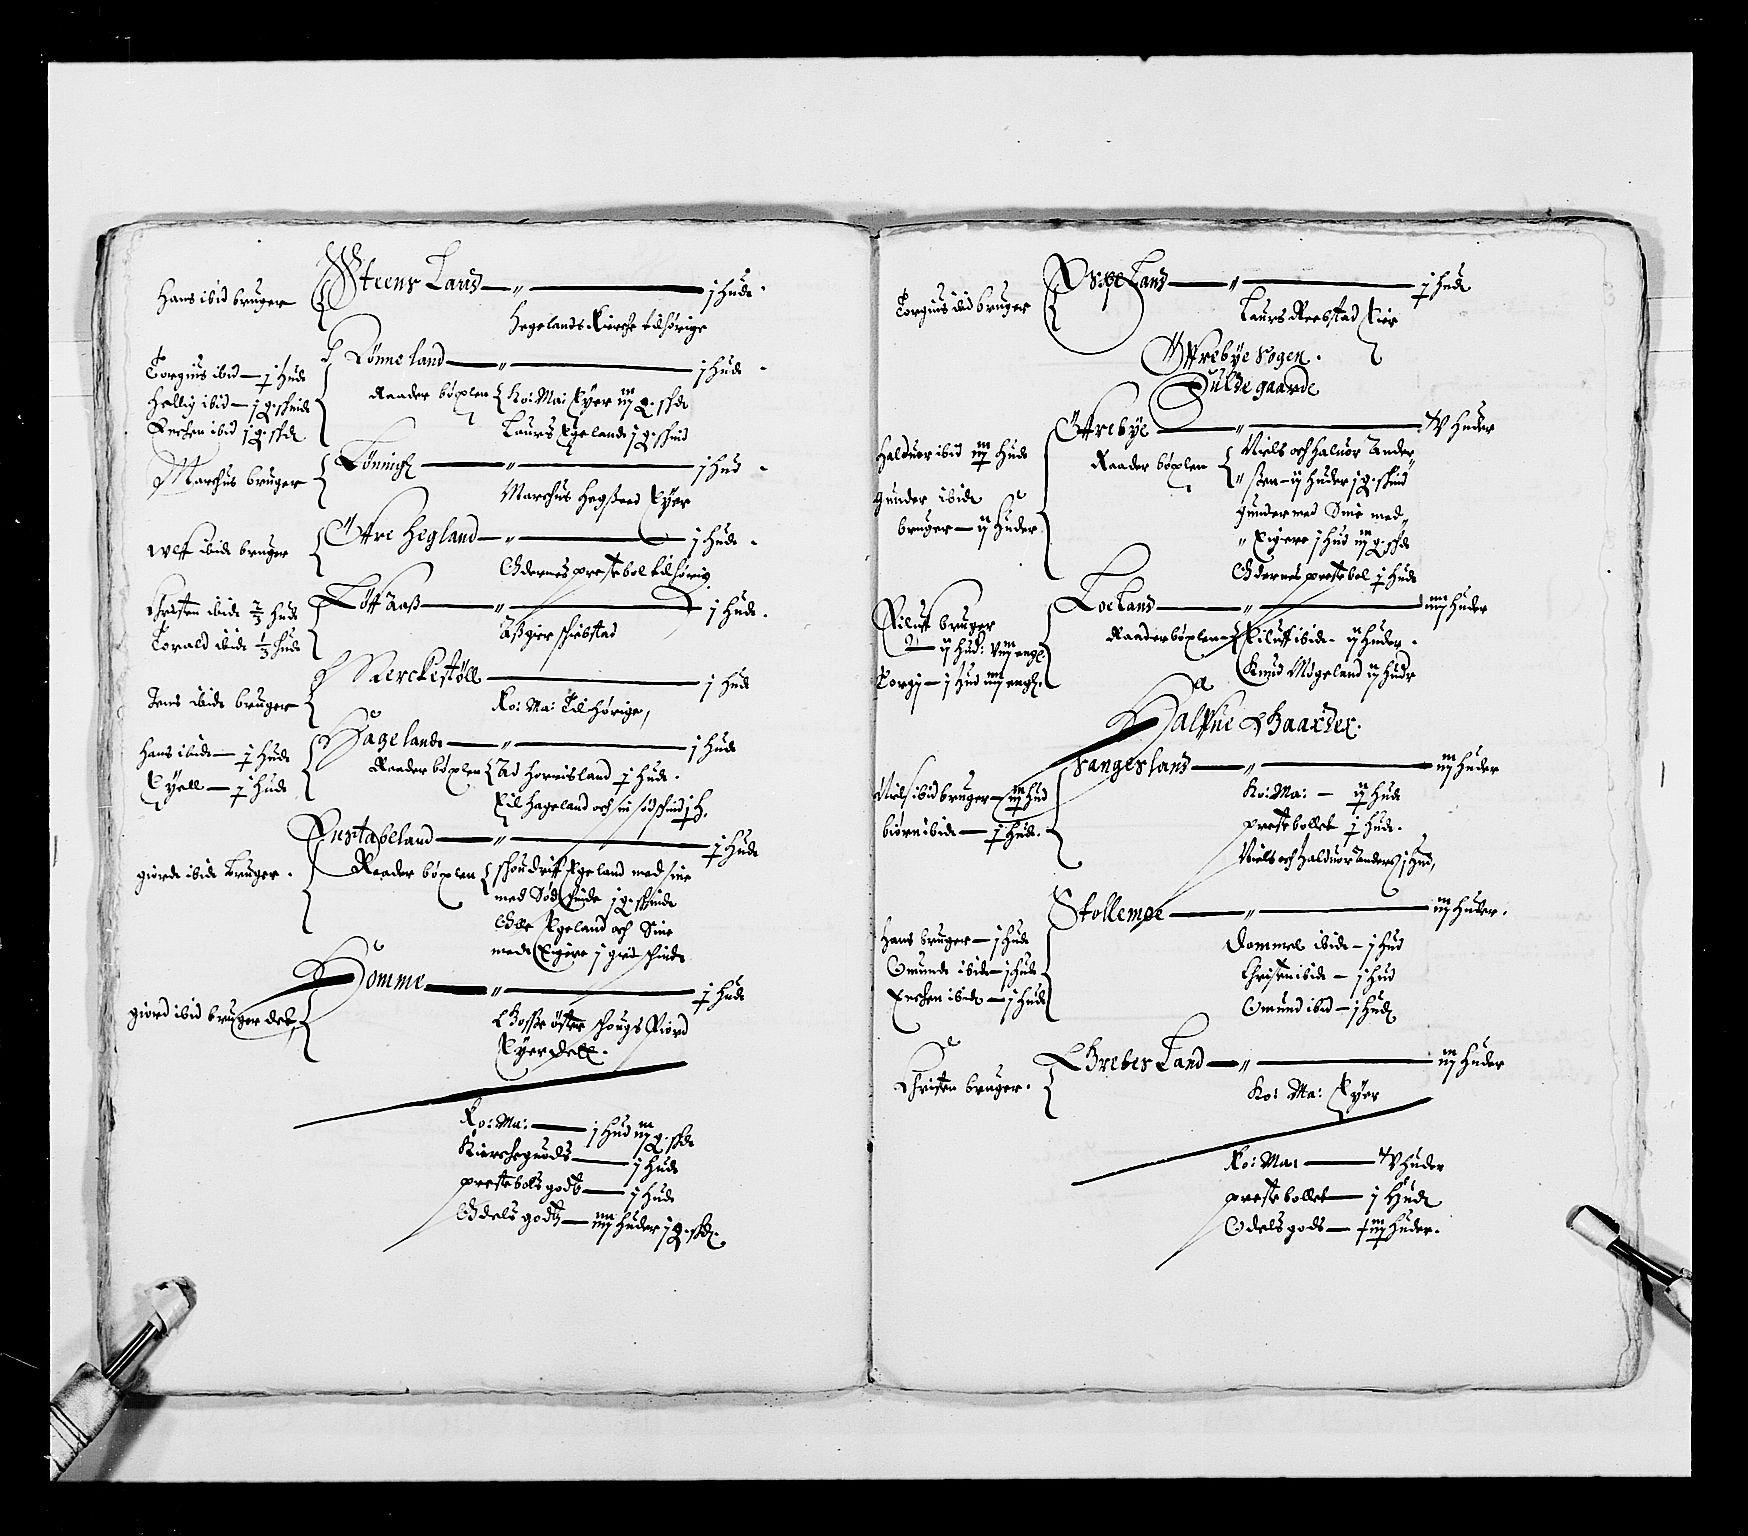 RA, Stattholderembetet 1572-1771, Ek/L0023: Jordebøker 1633-1658:, 1648-1649, s. 74